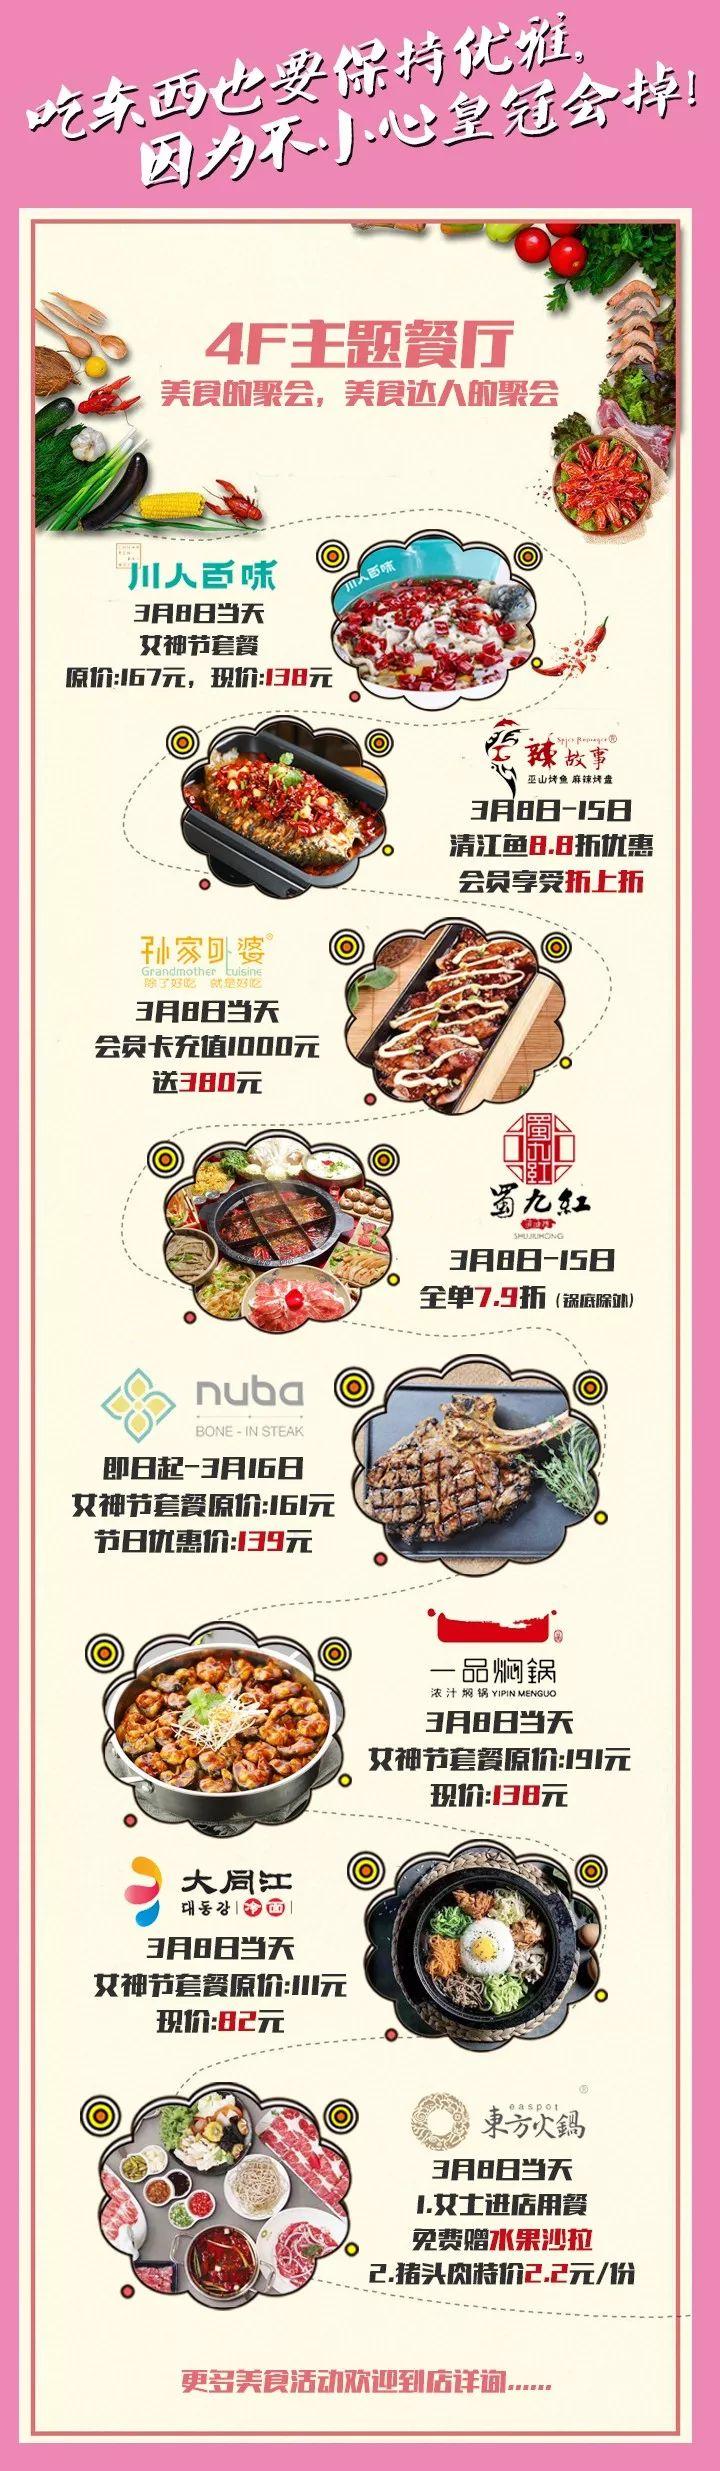 2019长春妇女节新天地购物公园打折优惠活动